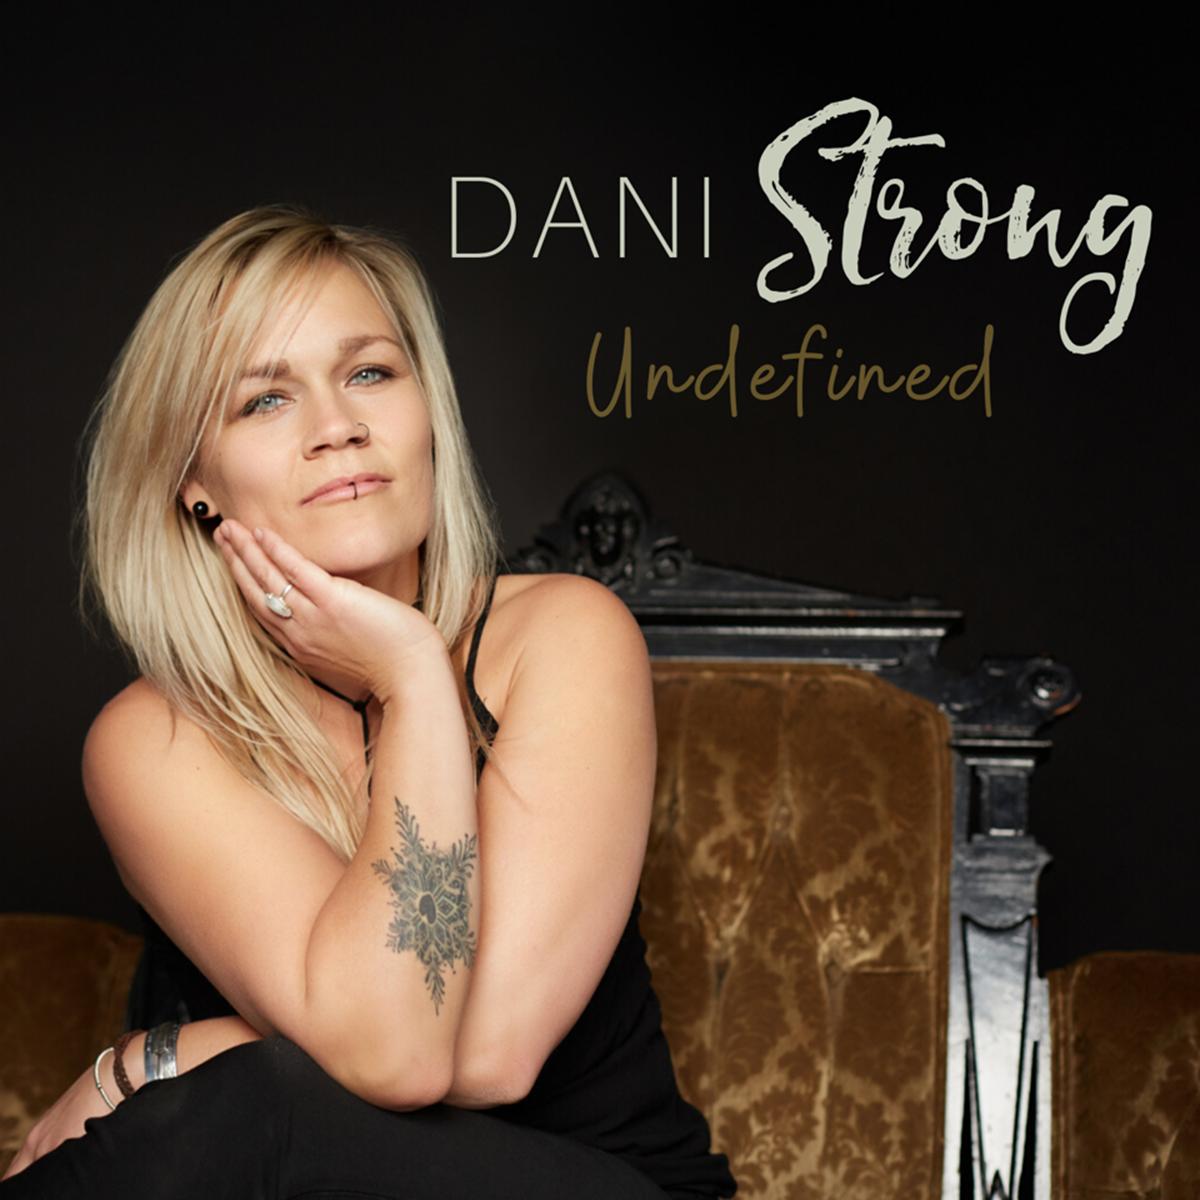 Dani Strong